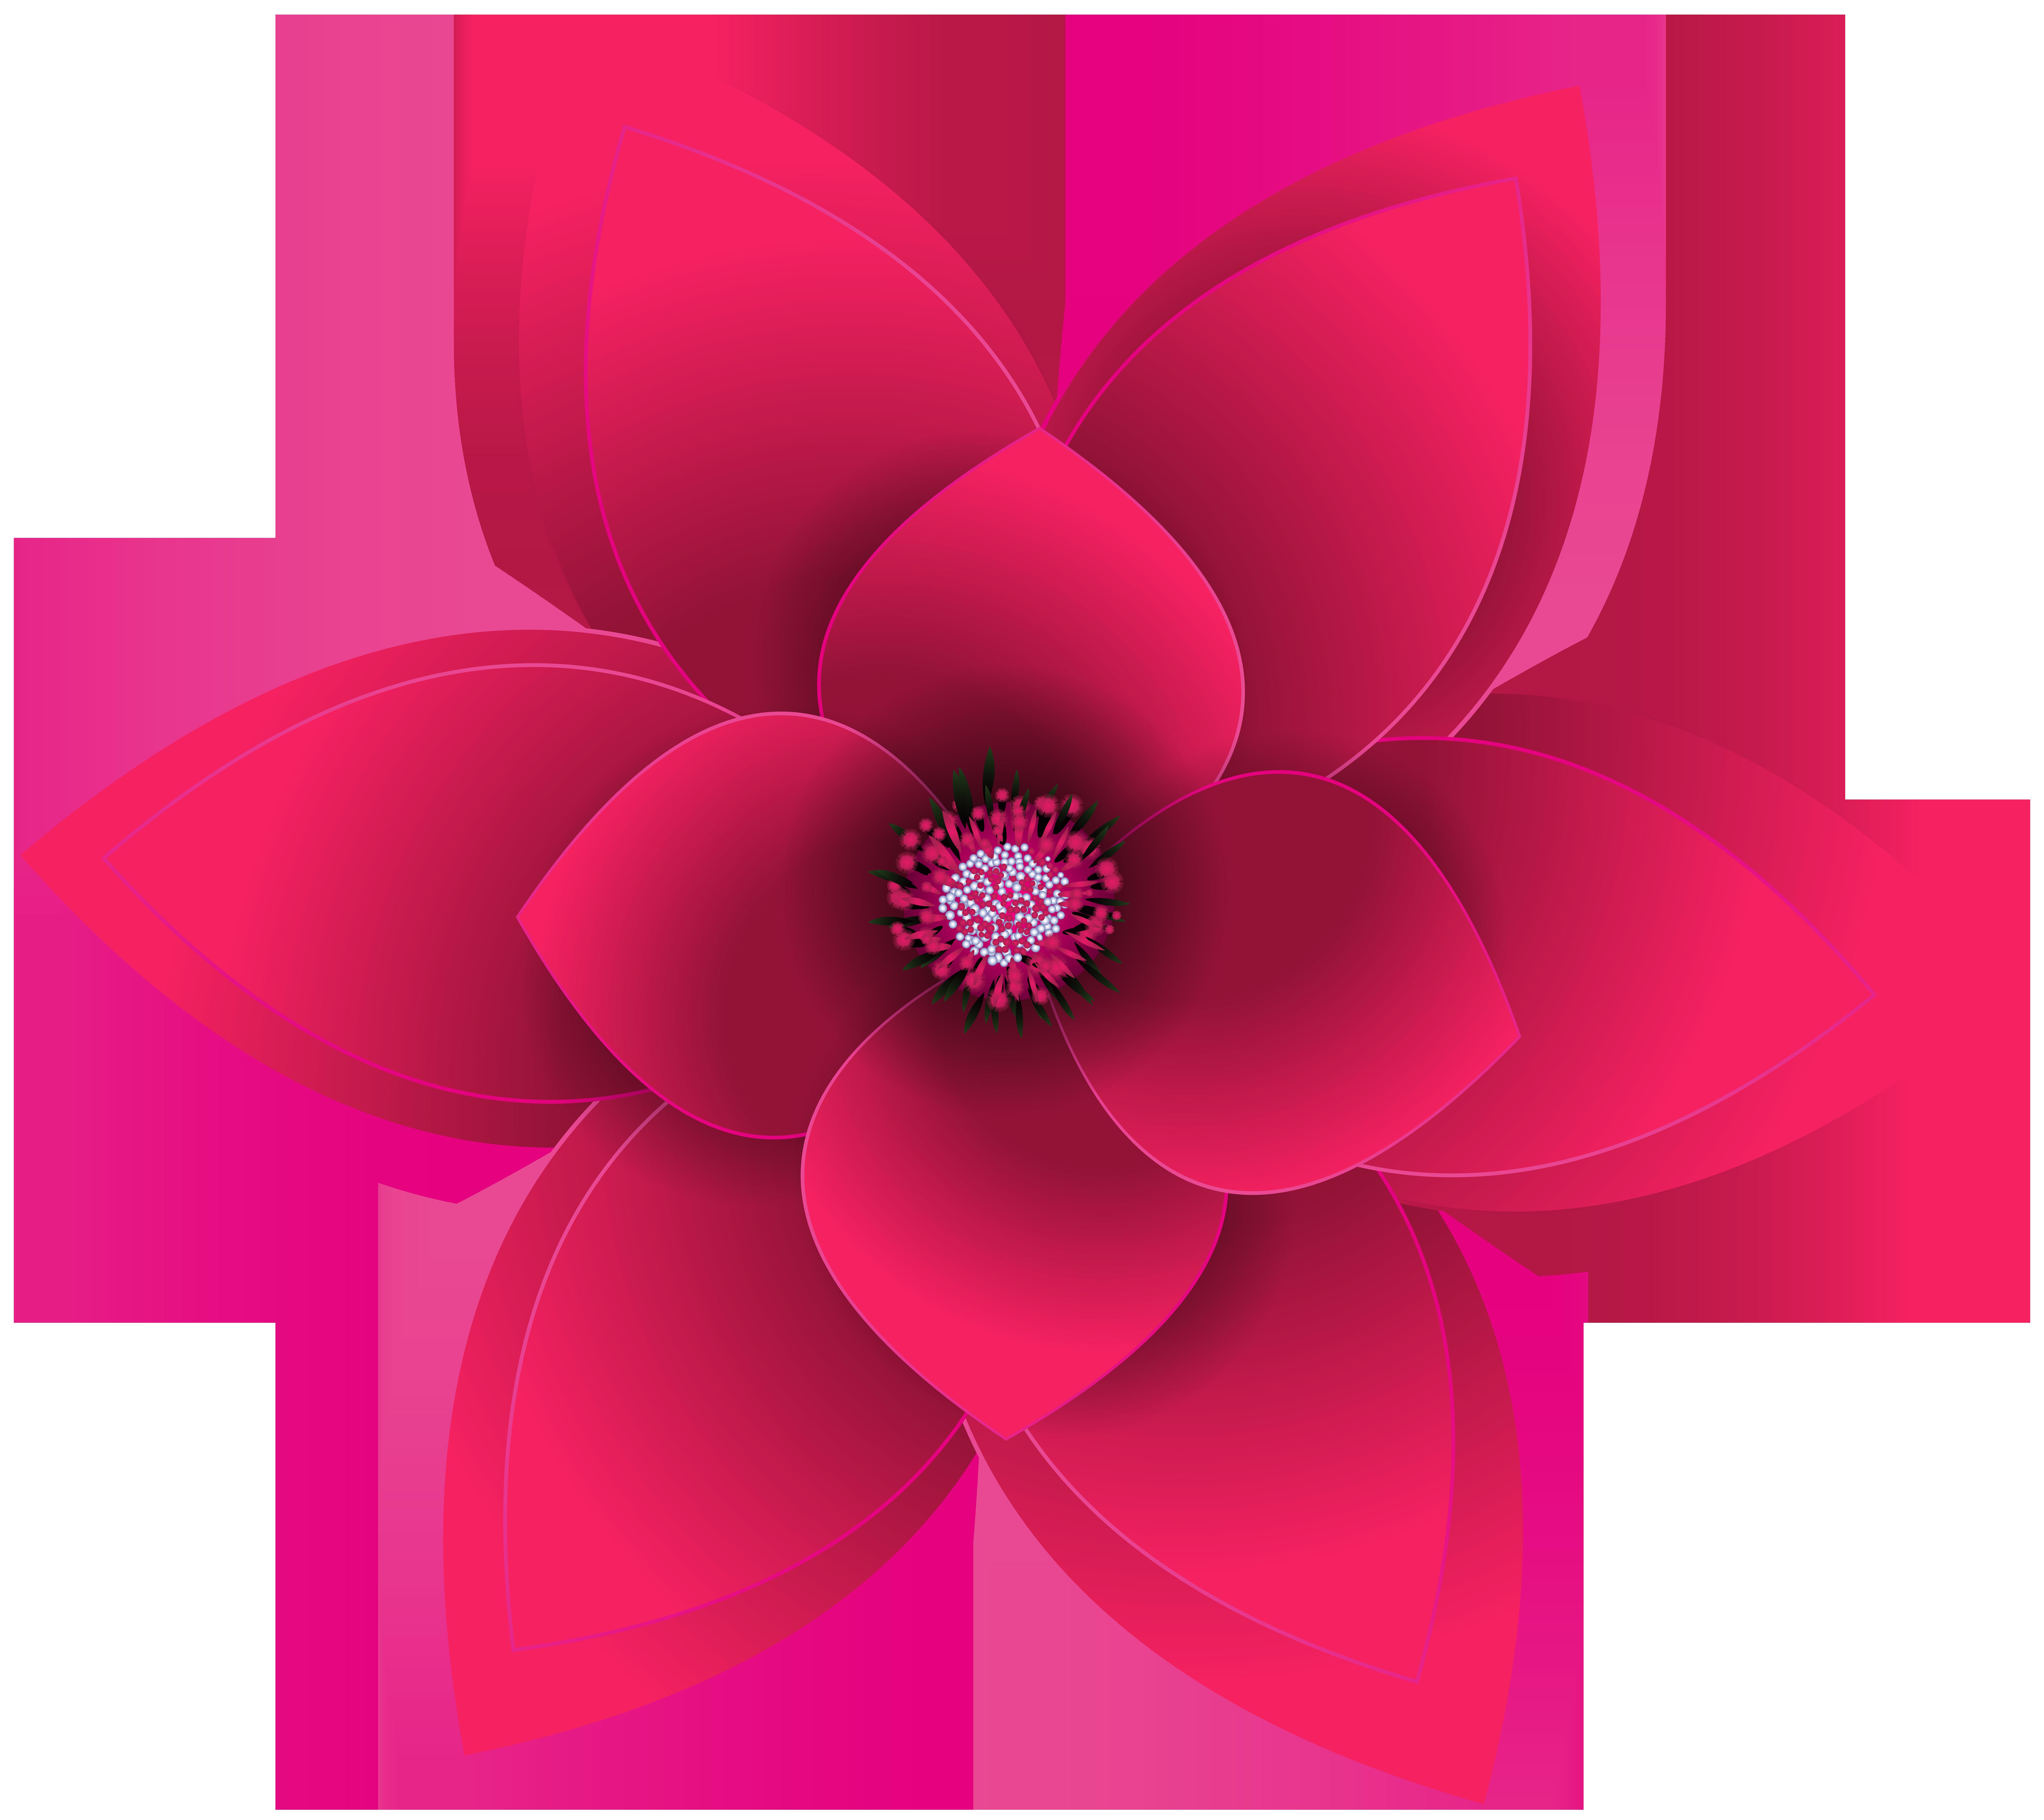 Flower Desktop Wallpaper Clip art.